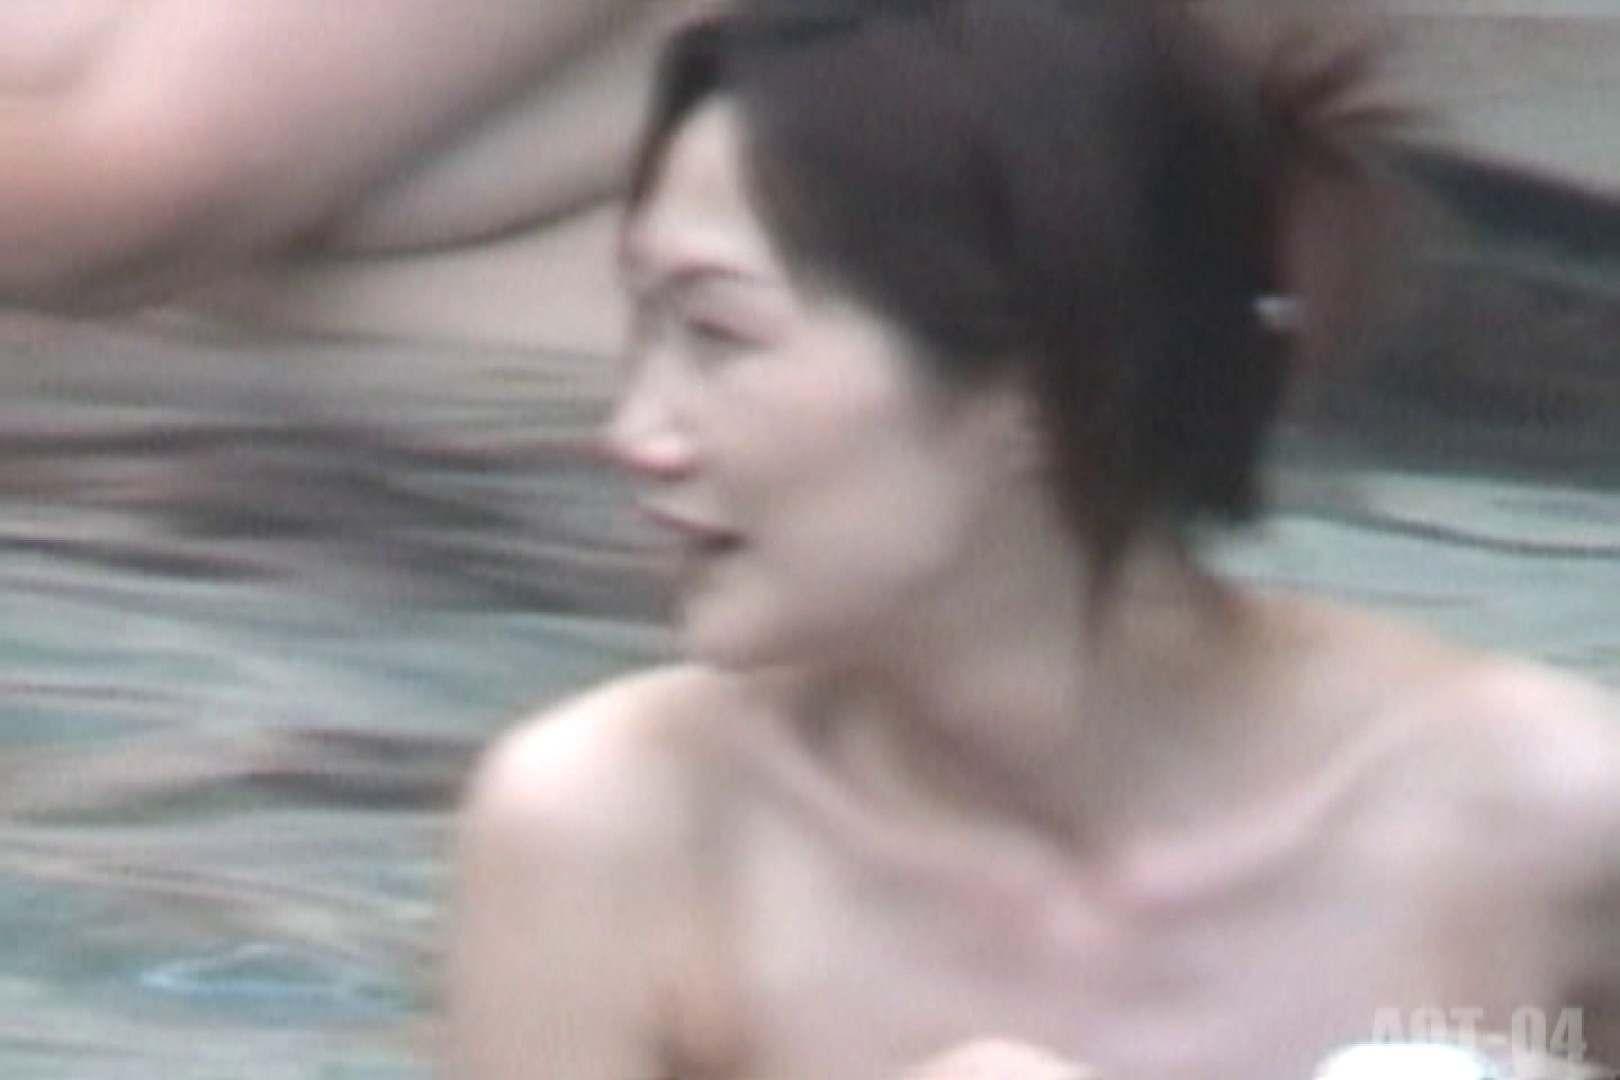 Aquaな露天風呂Vol.739 露天   盗撮  55pic 6